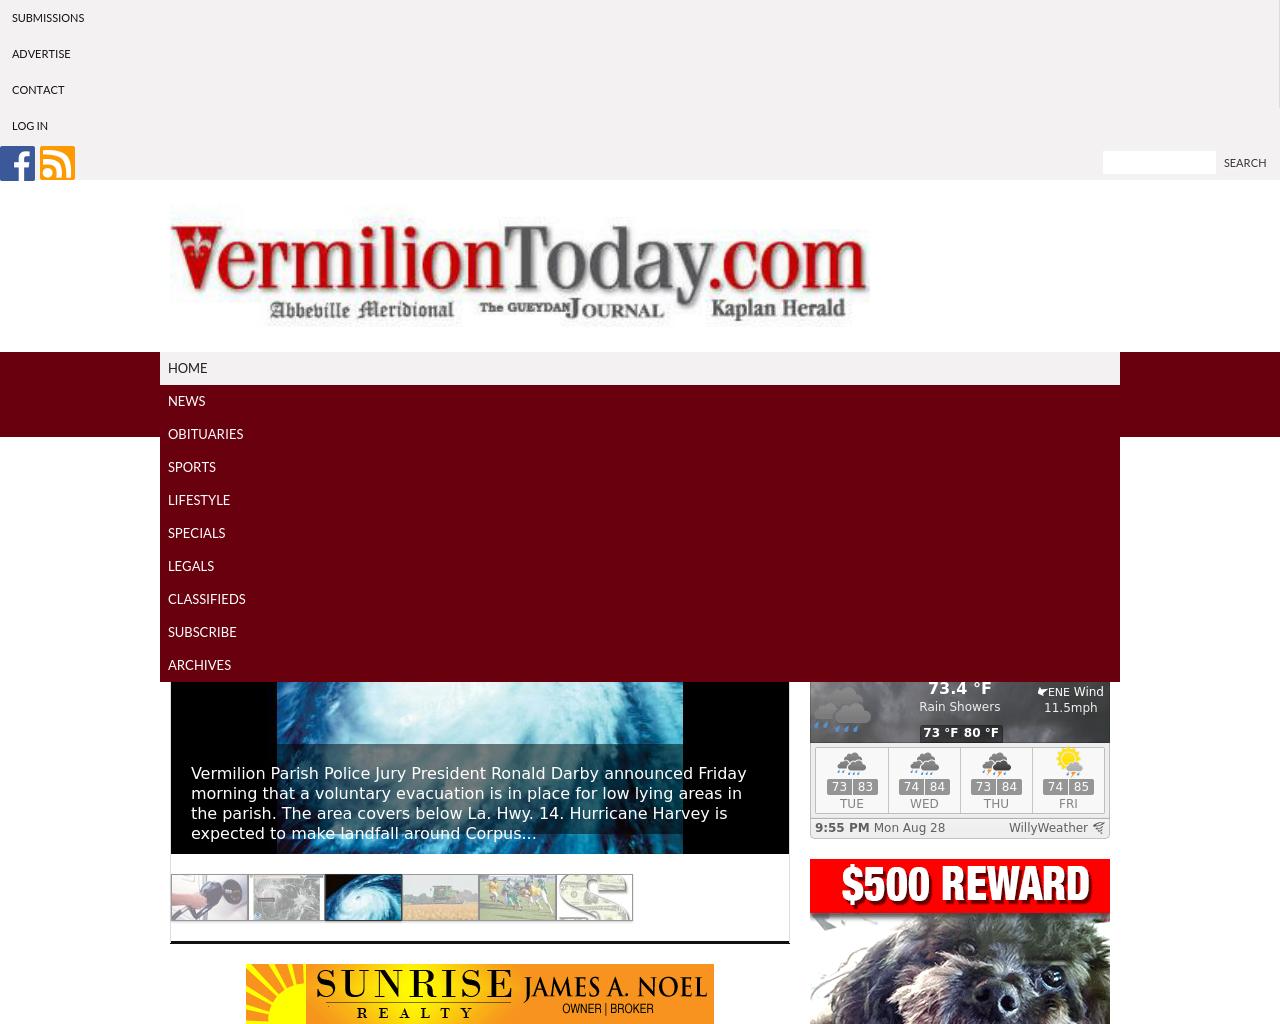 VermilionToday.com-Advertising-Reviews-Pricing